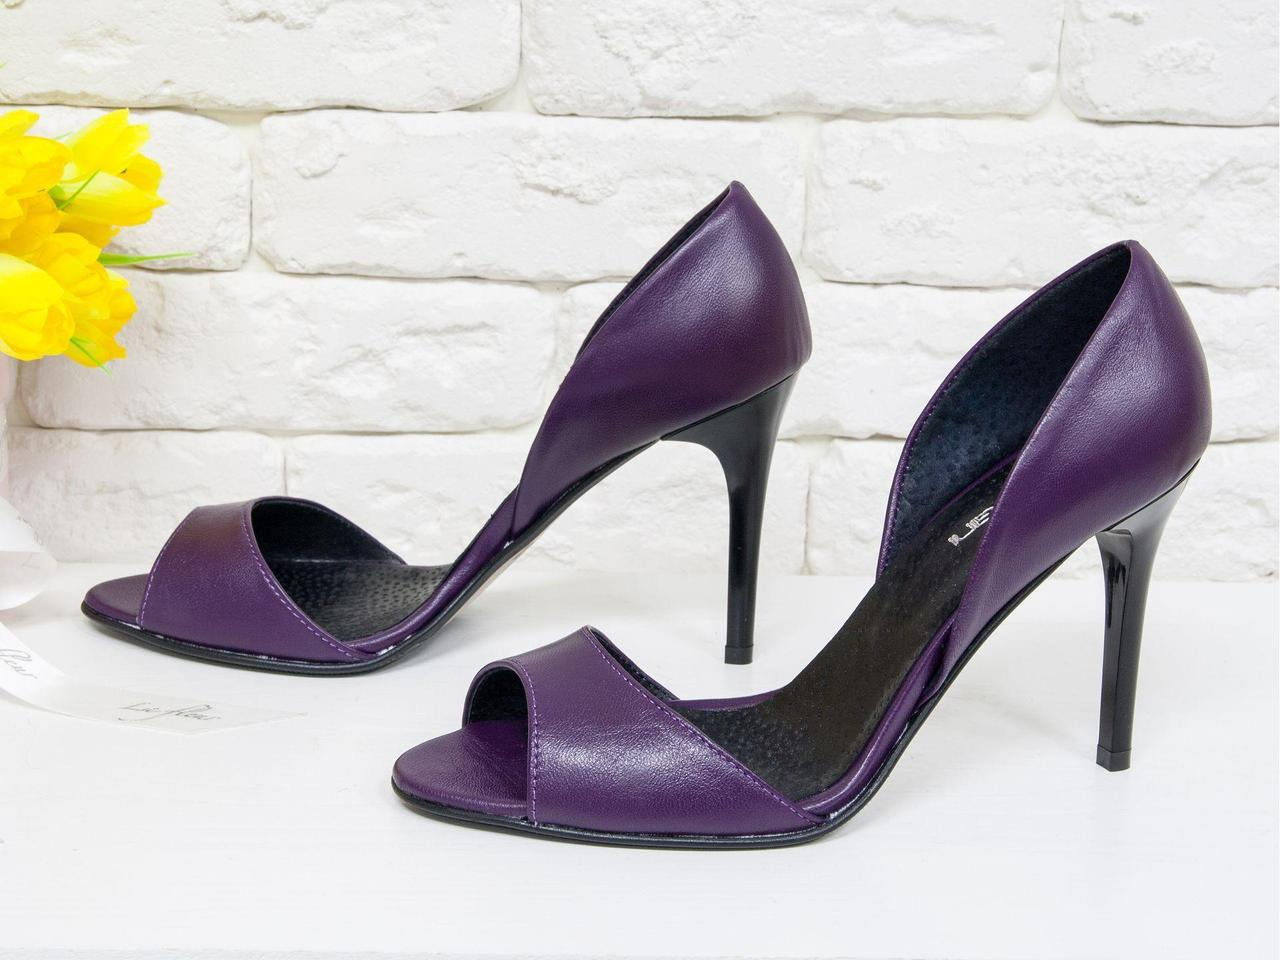 Босоножки из натуральной кожи фиолетового цвета каблуке-шпилька, С-704